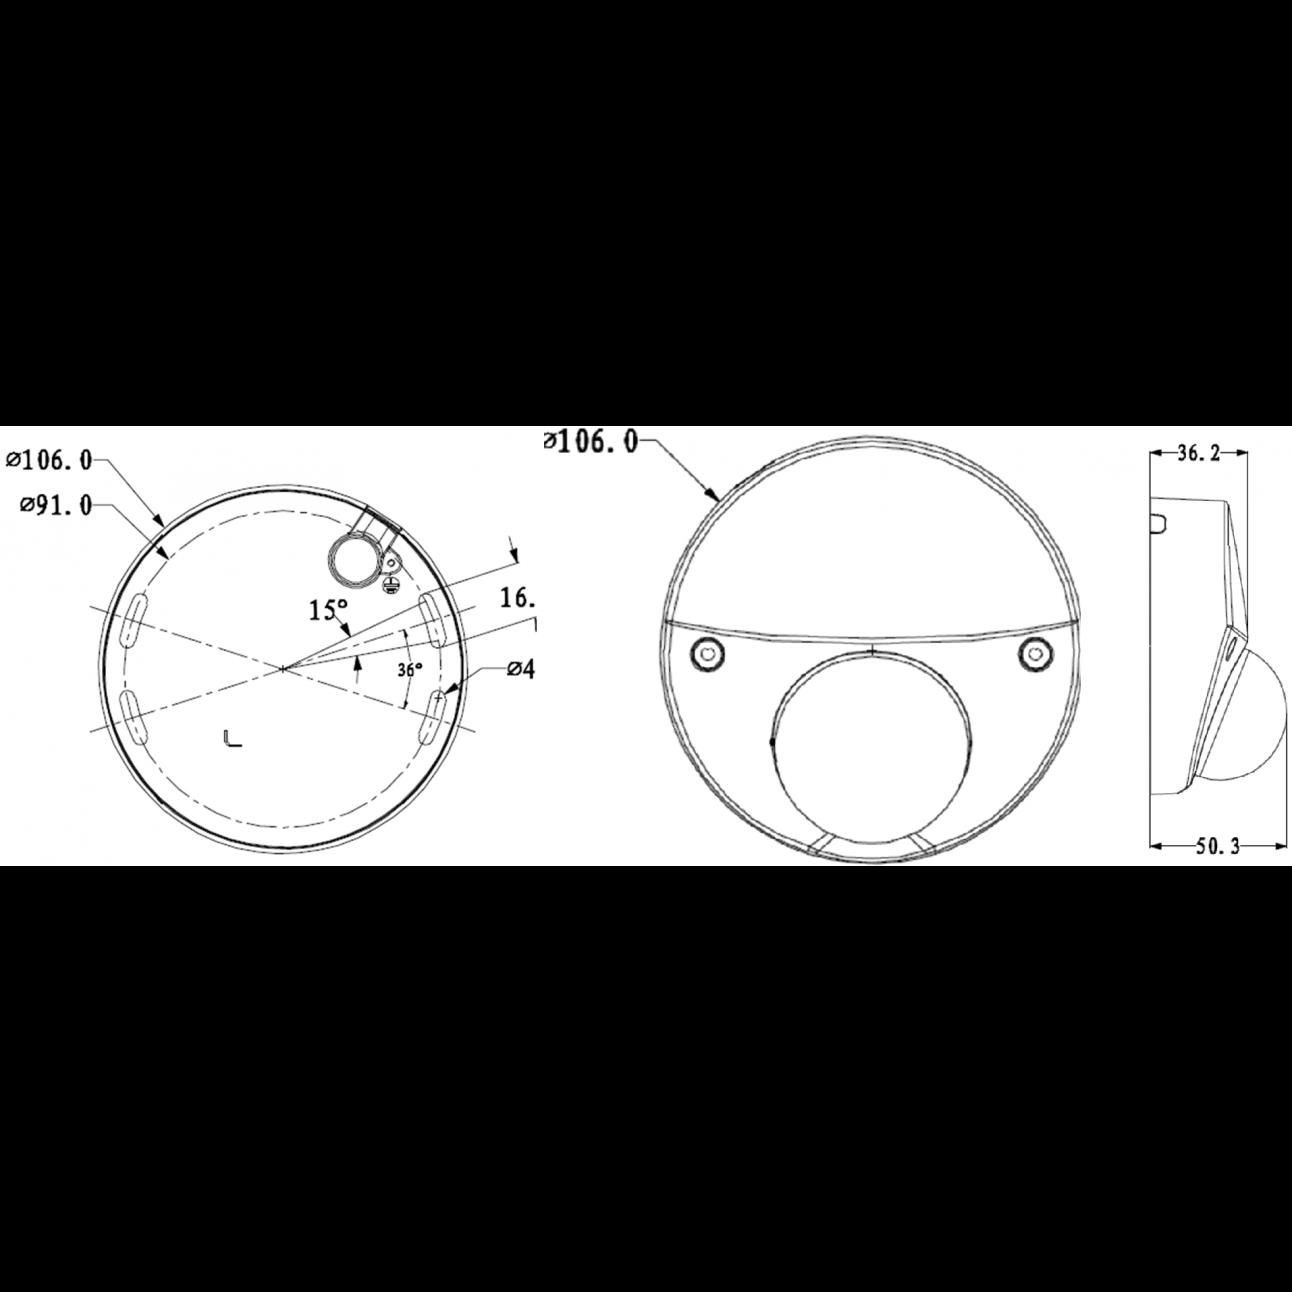 Мини-купольная пластиковая IP видеокамера DH-IPC-HDPW1420FP-AS-0280B 4Мп (уценка)